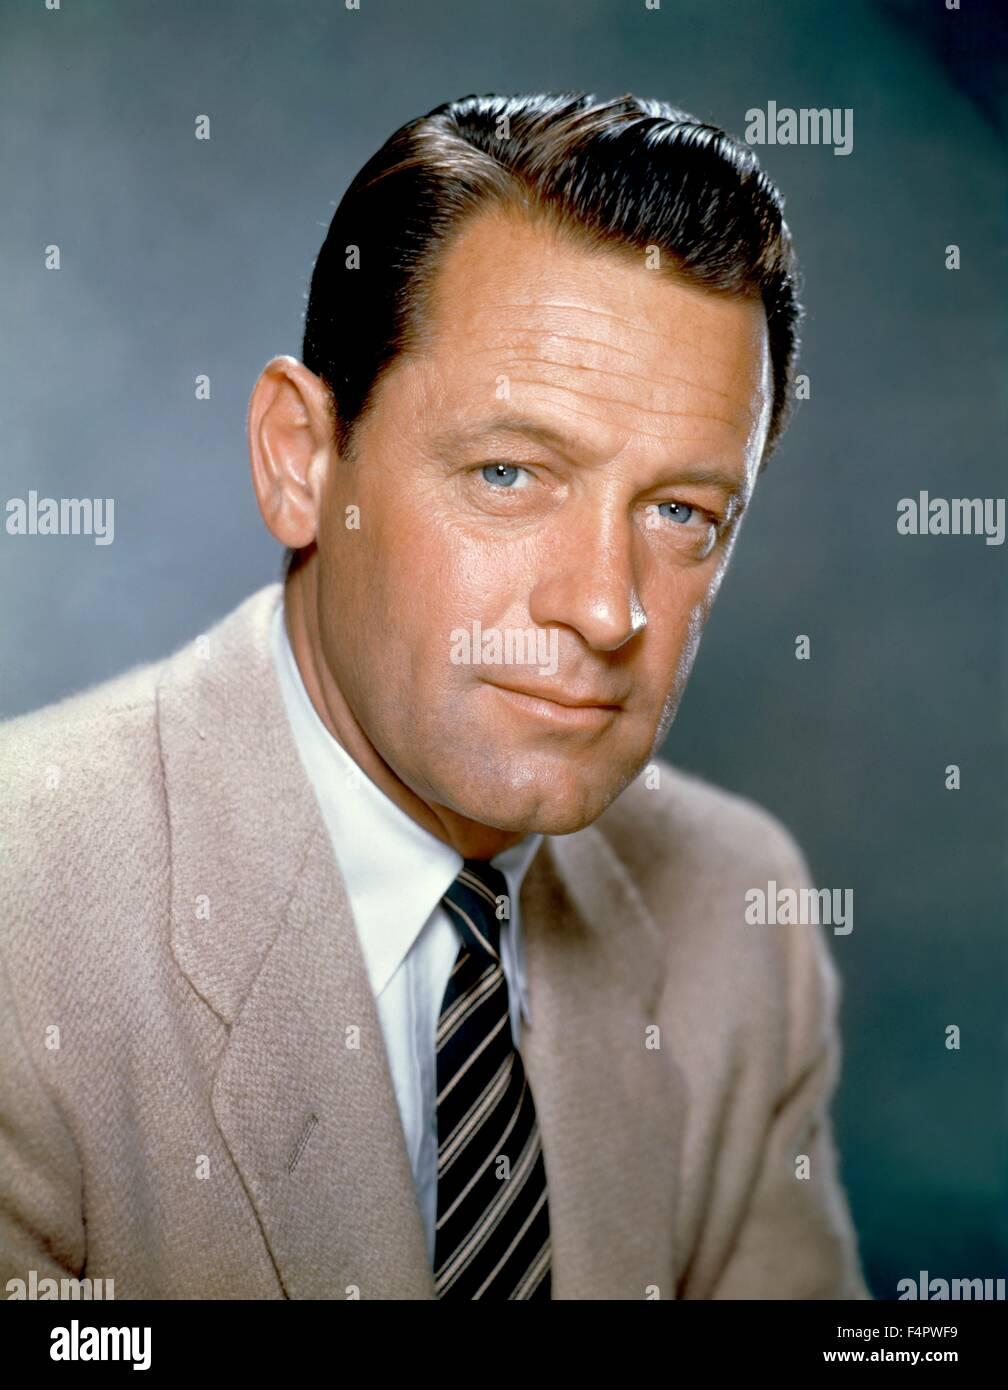 William Holden in den 60er Jahren. Stockfoto